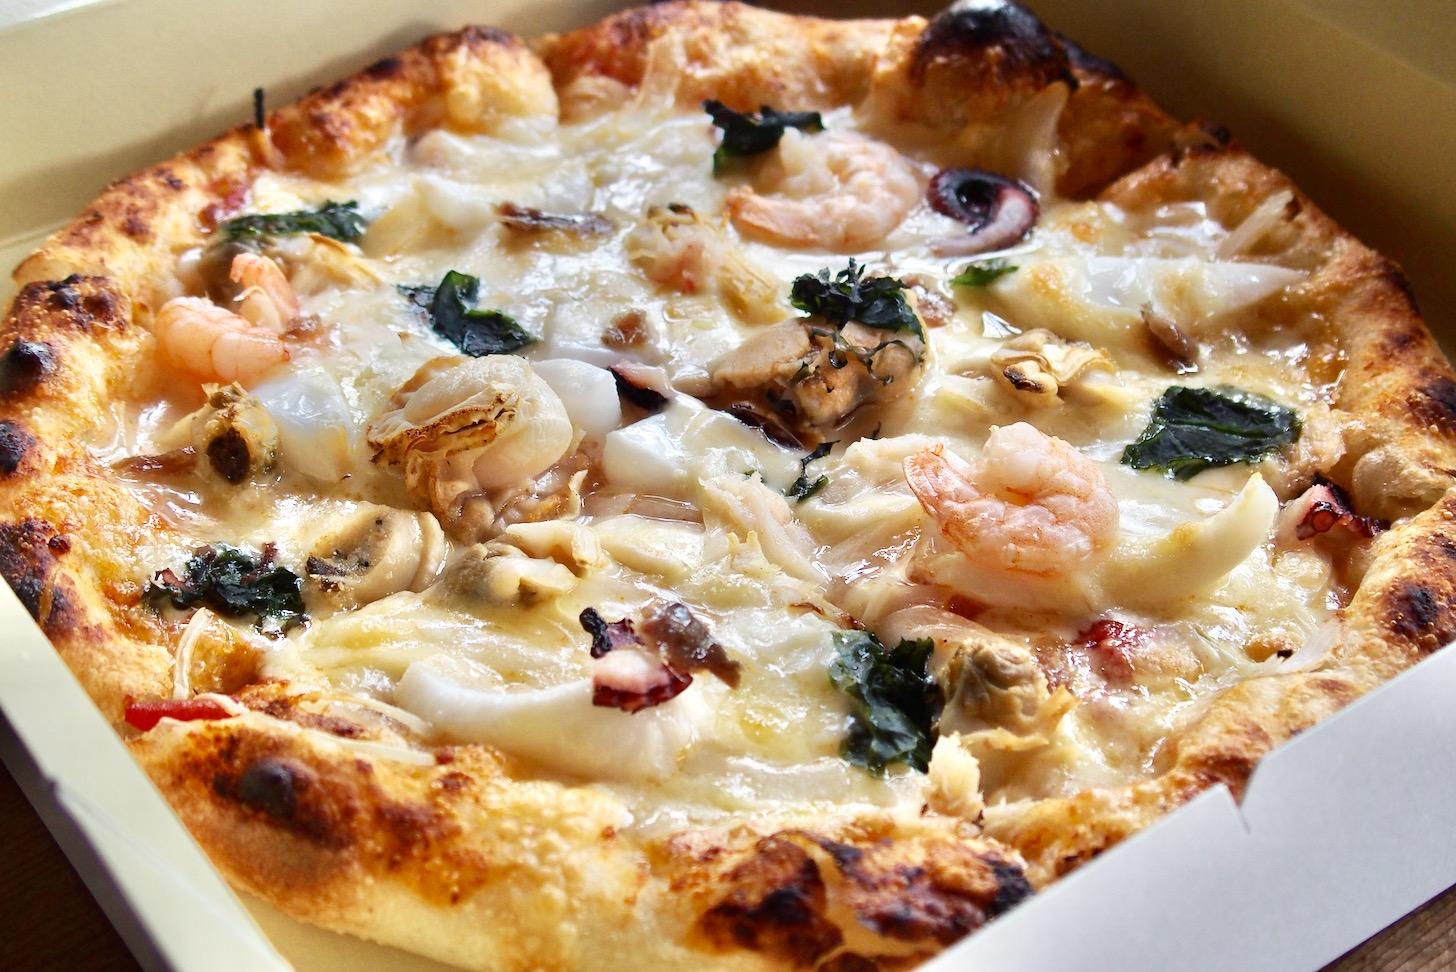 ハウスリーク「漁師風魚介類のピザ」